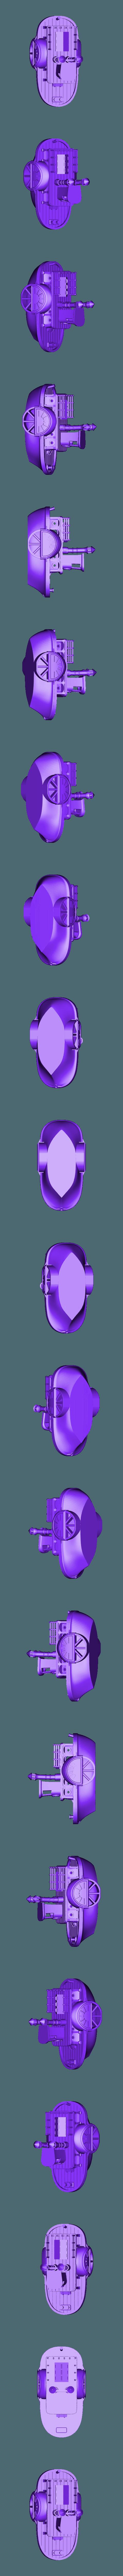 PADDLE2.stl Télécharger fichier STL gratuit Ancien bateau à vapeur à roue à aubes avec présentoir (banc visuel) • Design pour imprimante 3D, vandragon_de